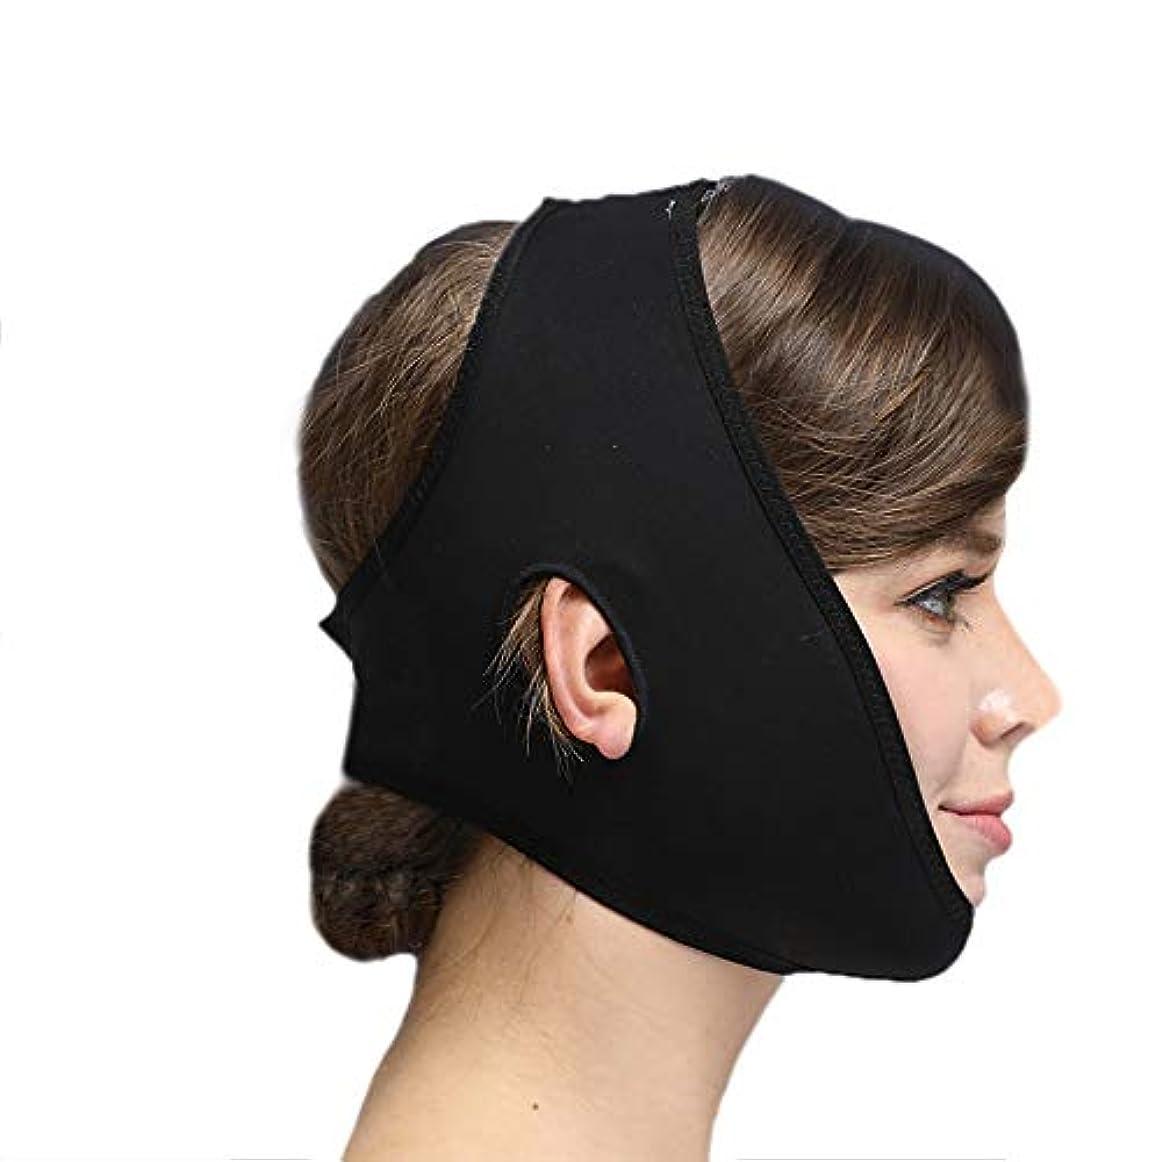 カスタム入射入力XHLMRMJ 顔の痩身マスク、快適で通気性のある、顔面の持ち上がることおよび輪郭を描くことで、堅さの向上、引き締まることおよび顔を持ち上げること (Color : Black2, Size : L)